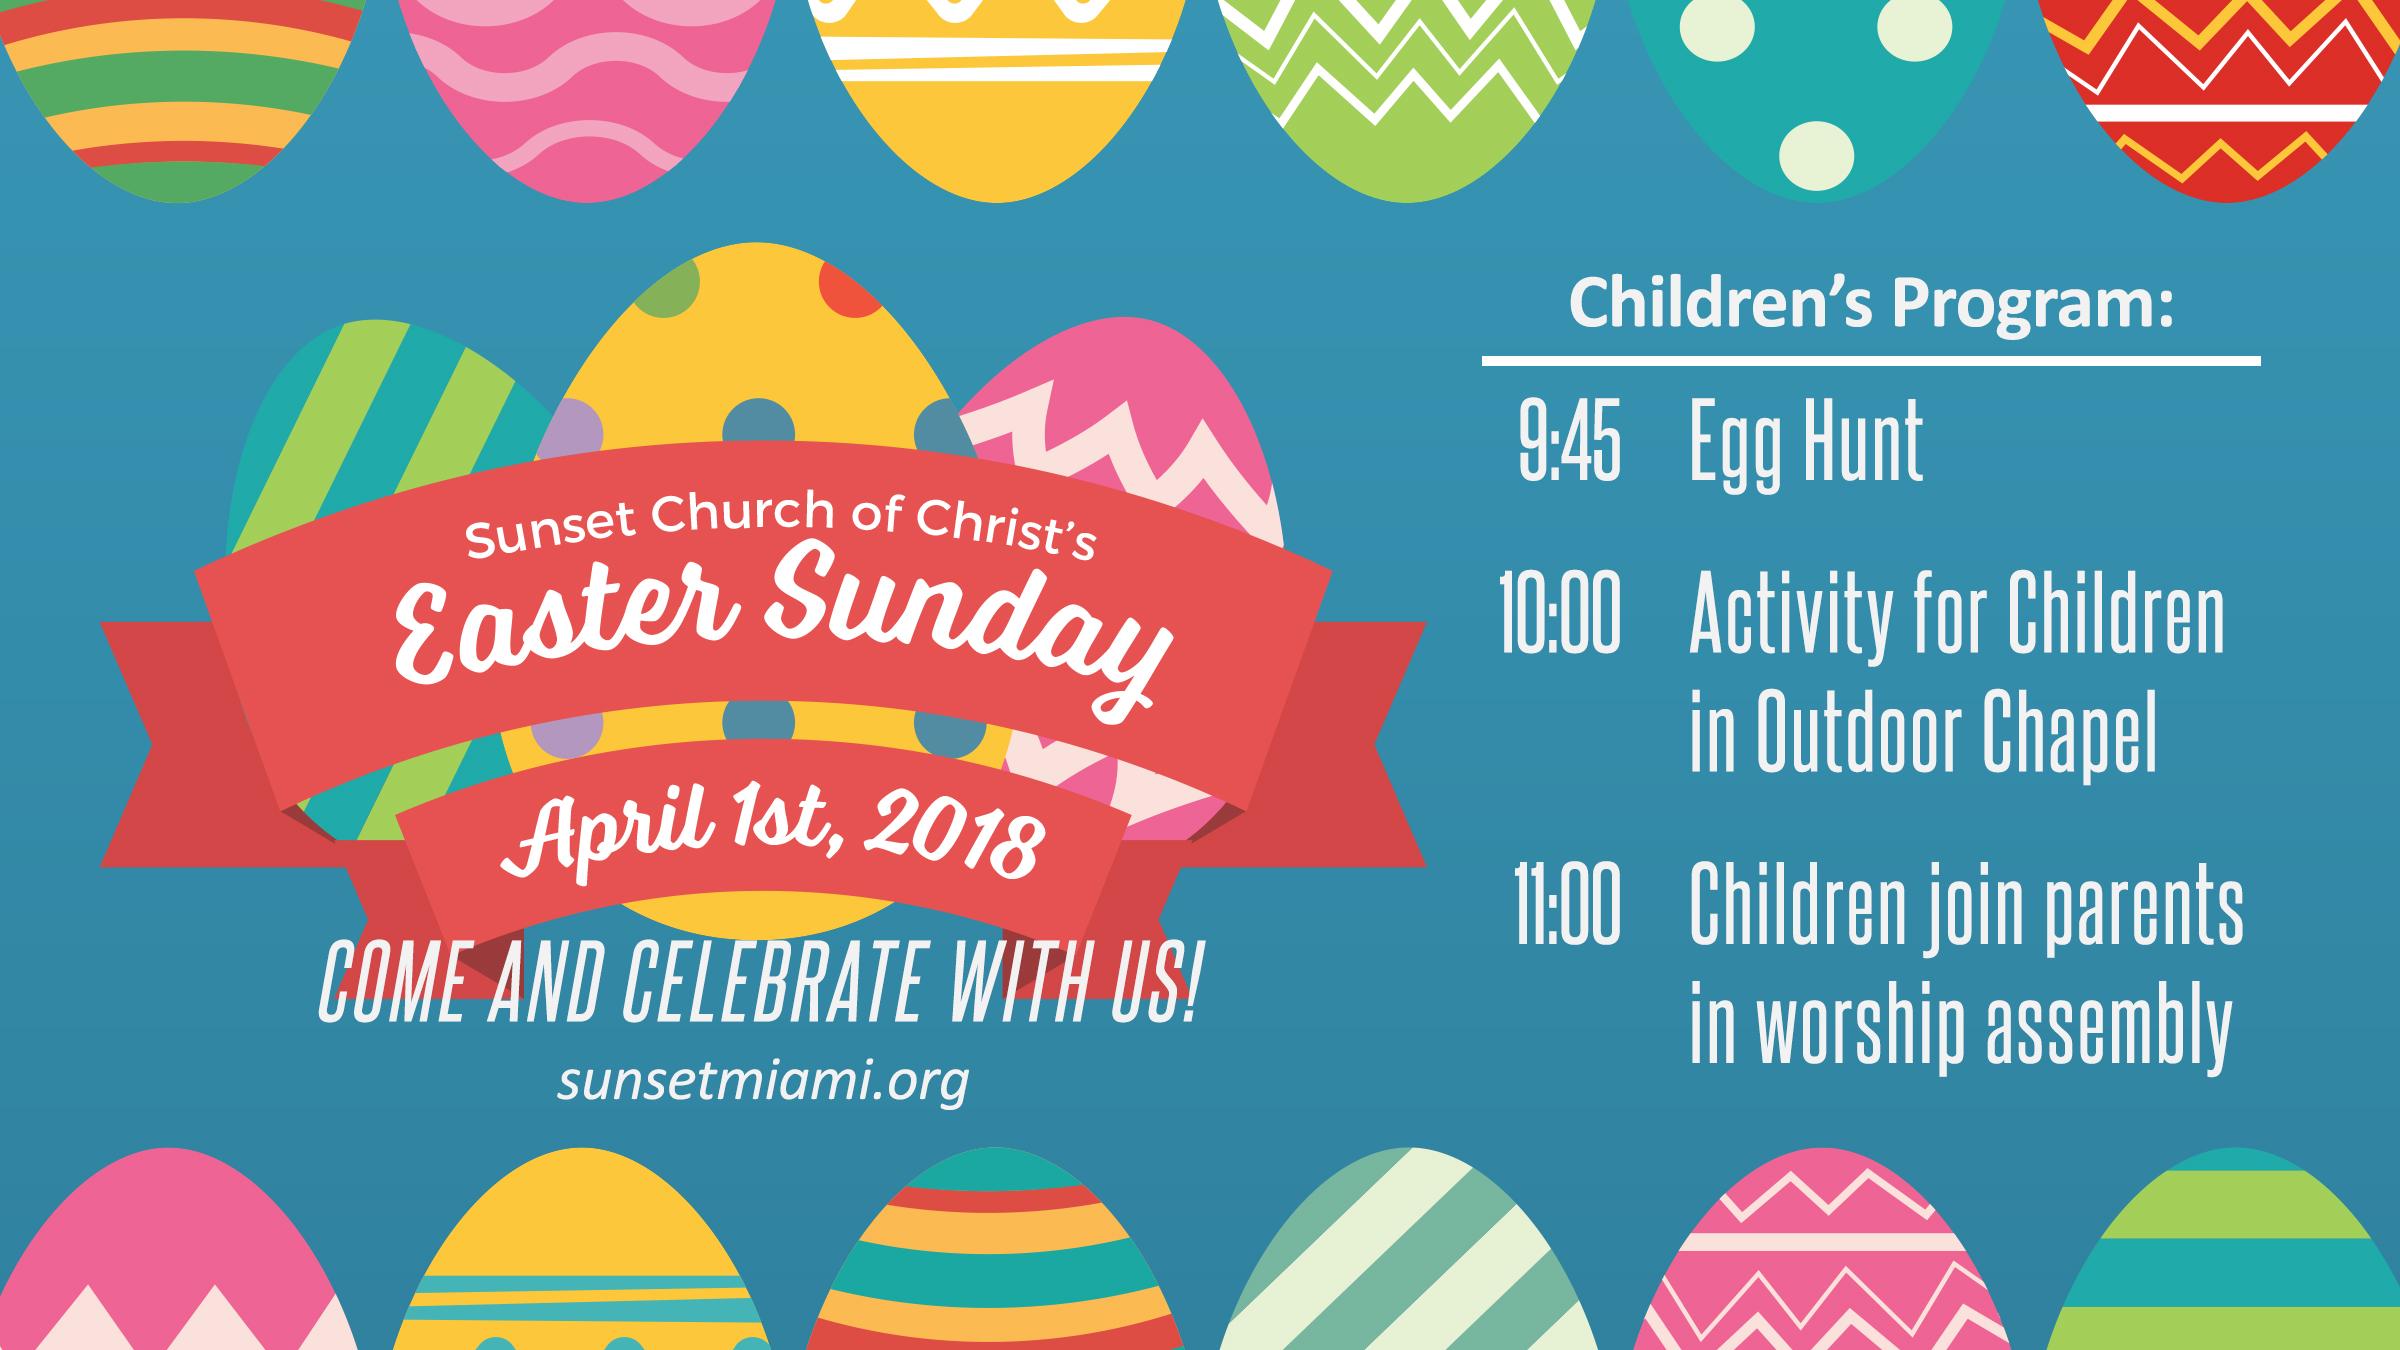 Sunset Church of Christ: Easter Sunday Egg Hunt